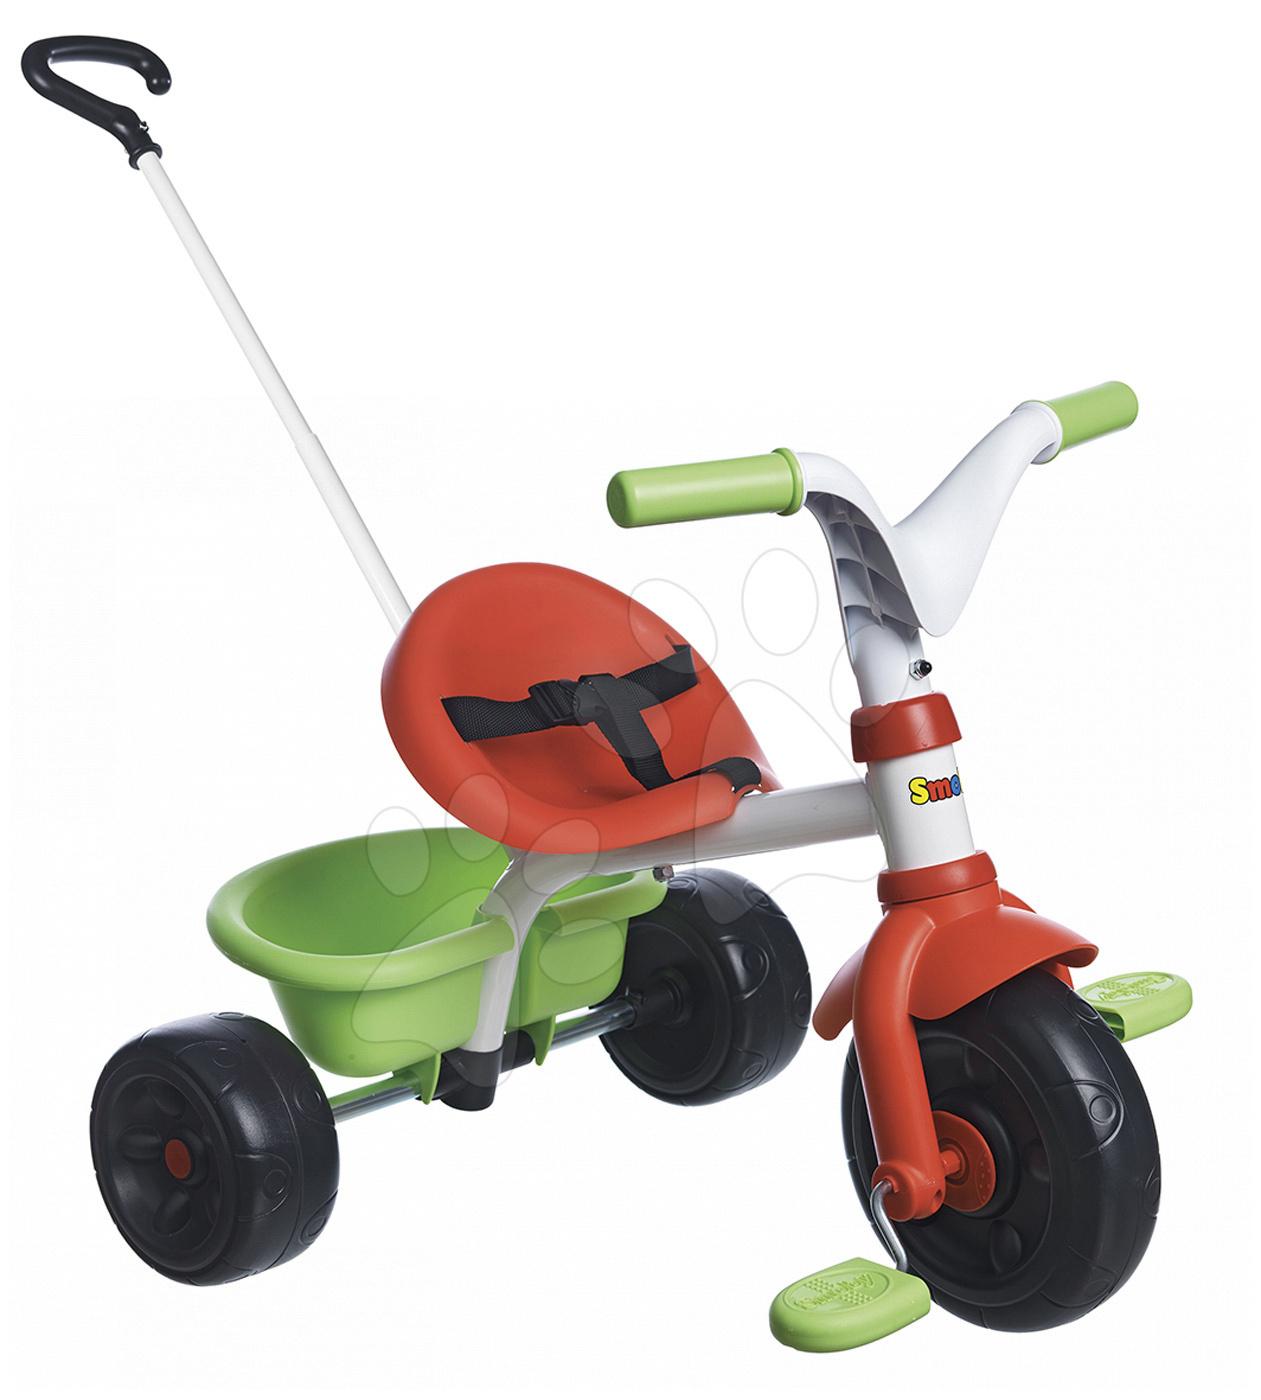 Tříkolka Be Fun Smoby s vodicí tyčí zeleno-červená od 15 měsíců